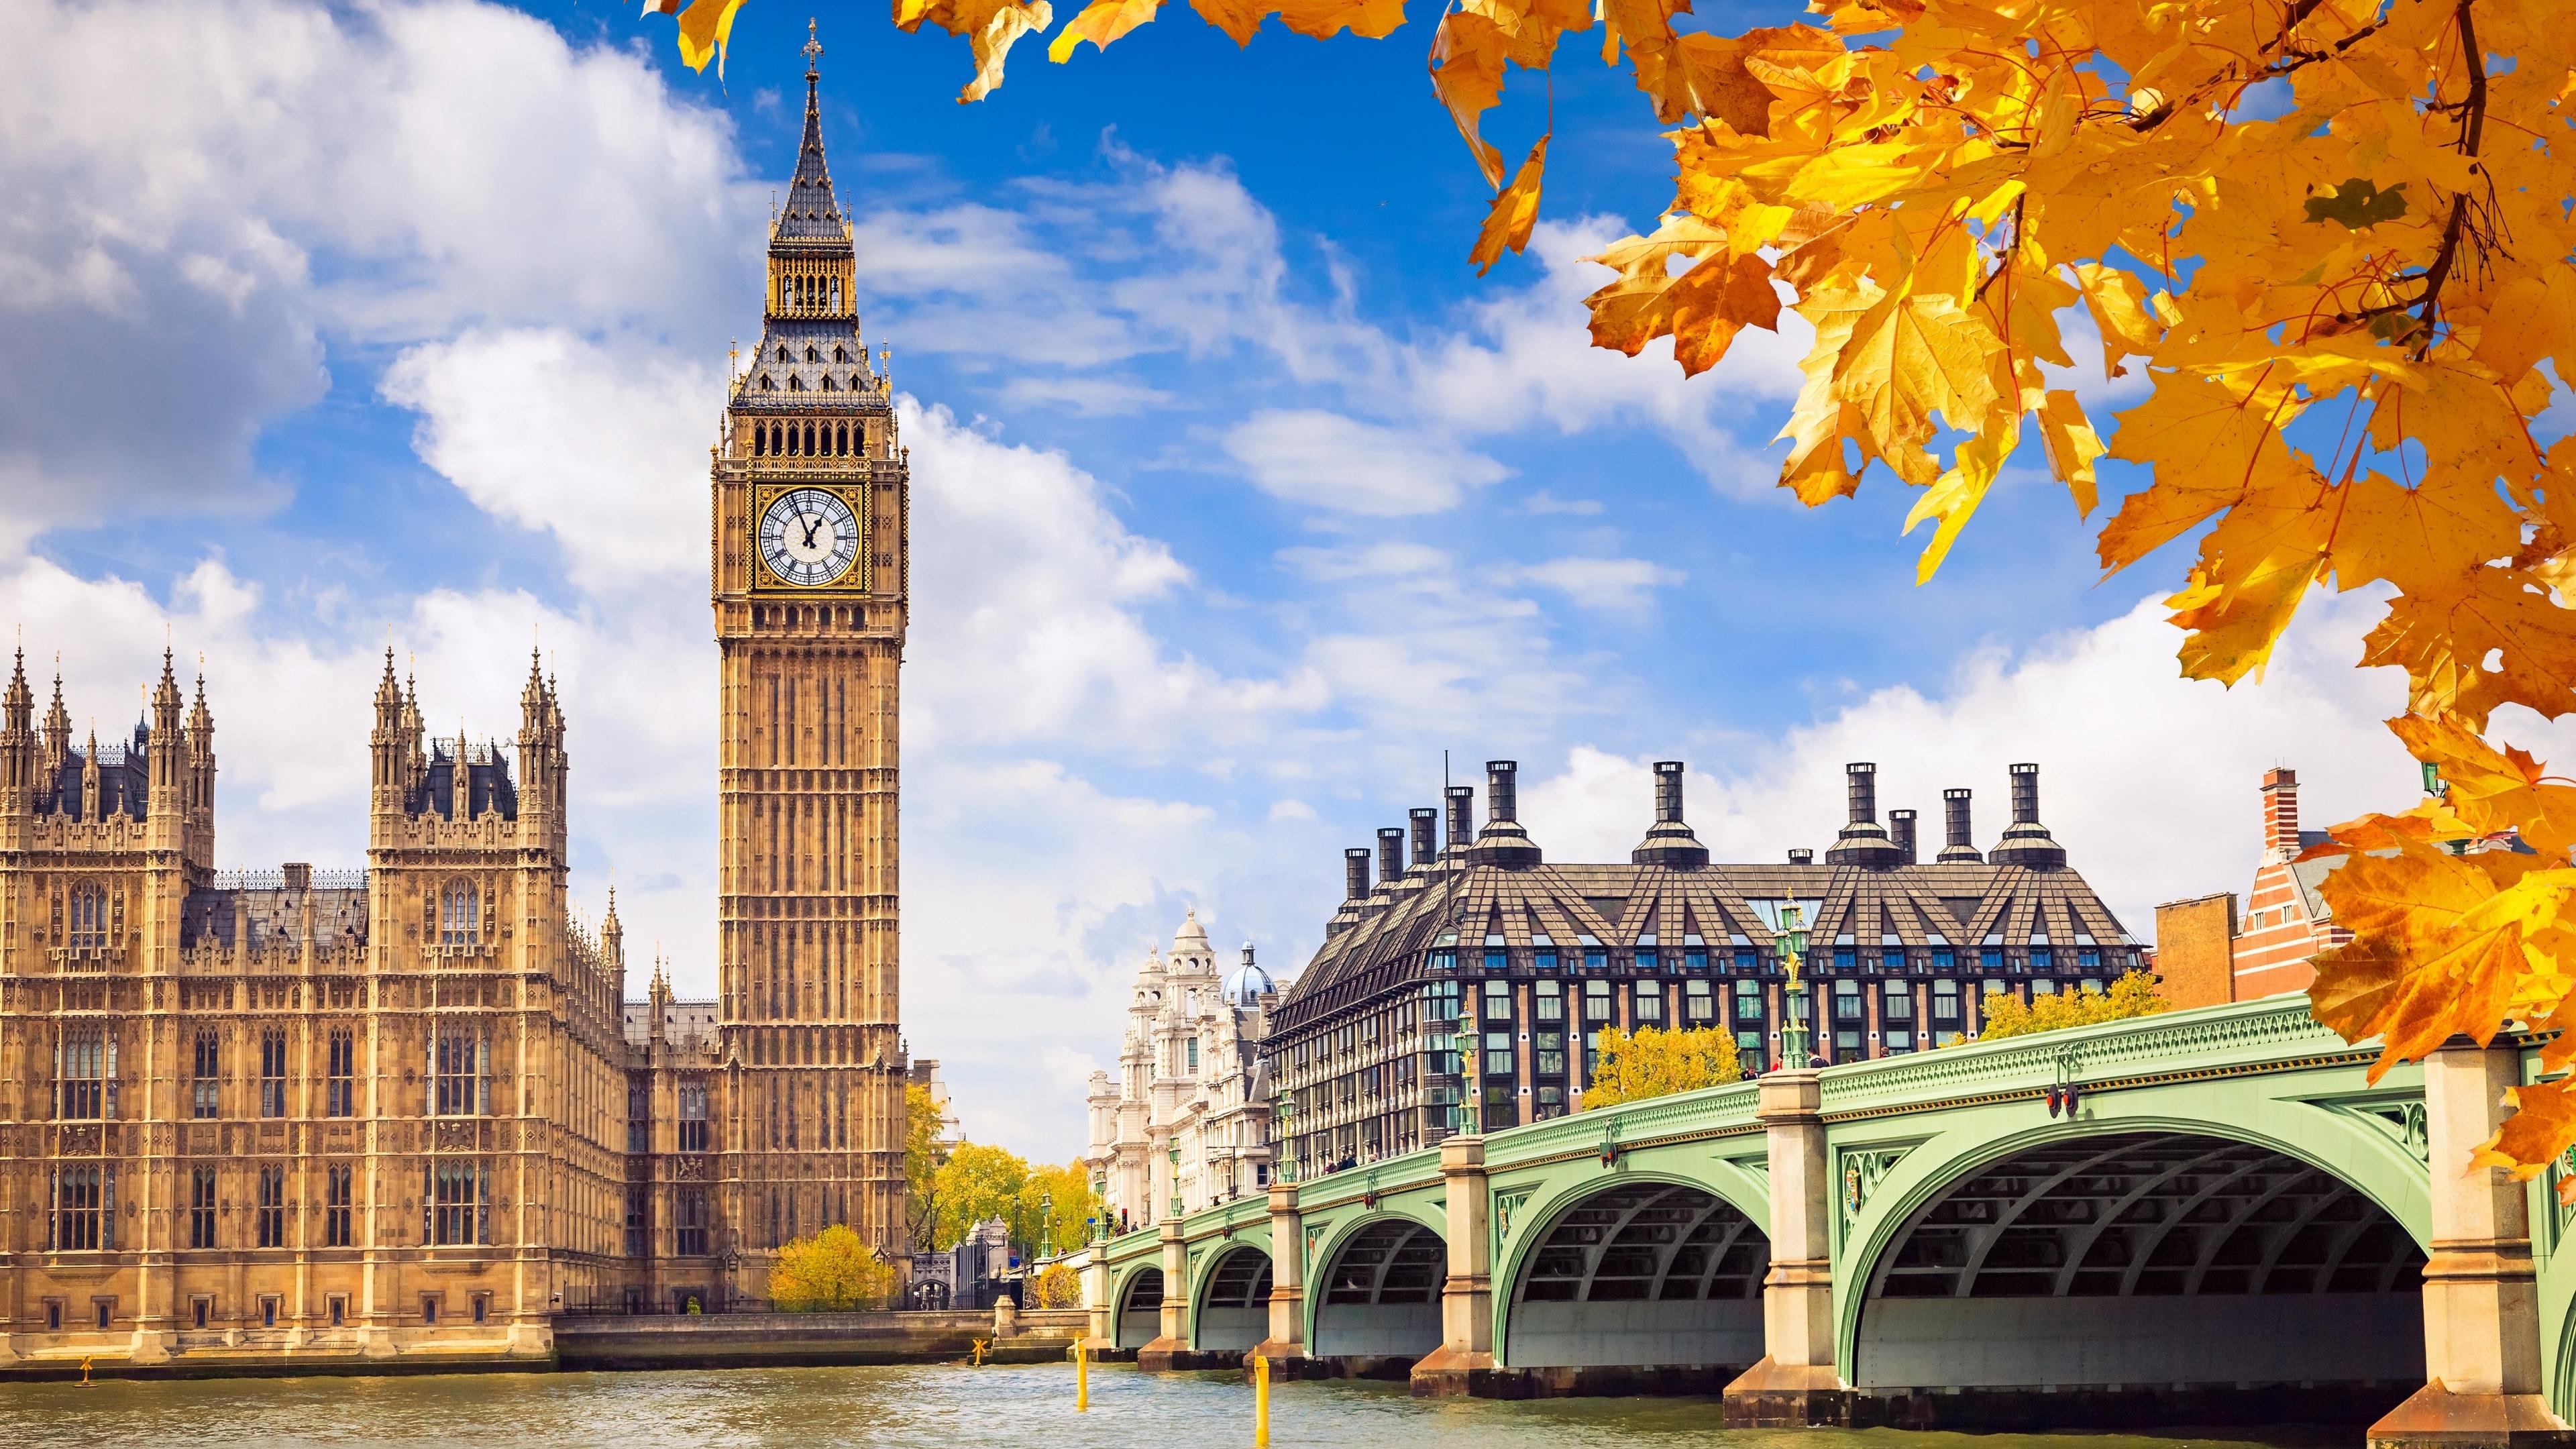 London Westminster Ultra HD wallpaper UHD WallpapersNet 3840x2160